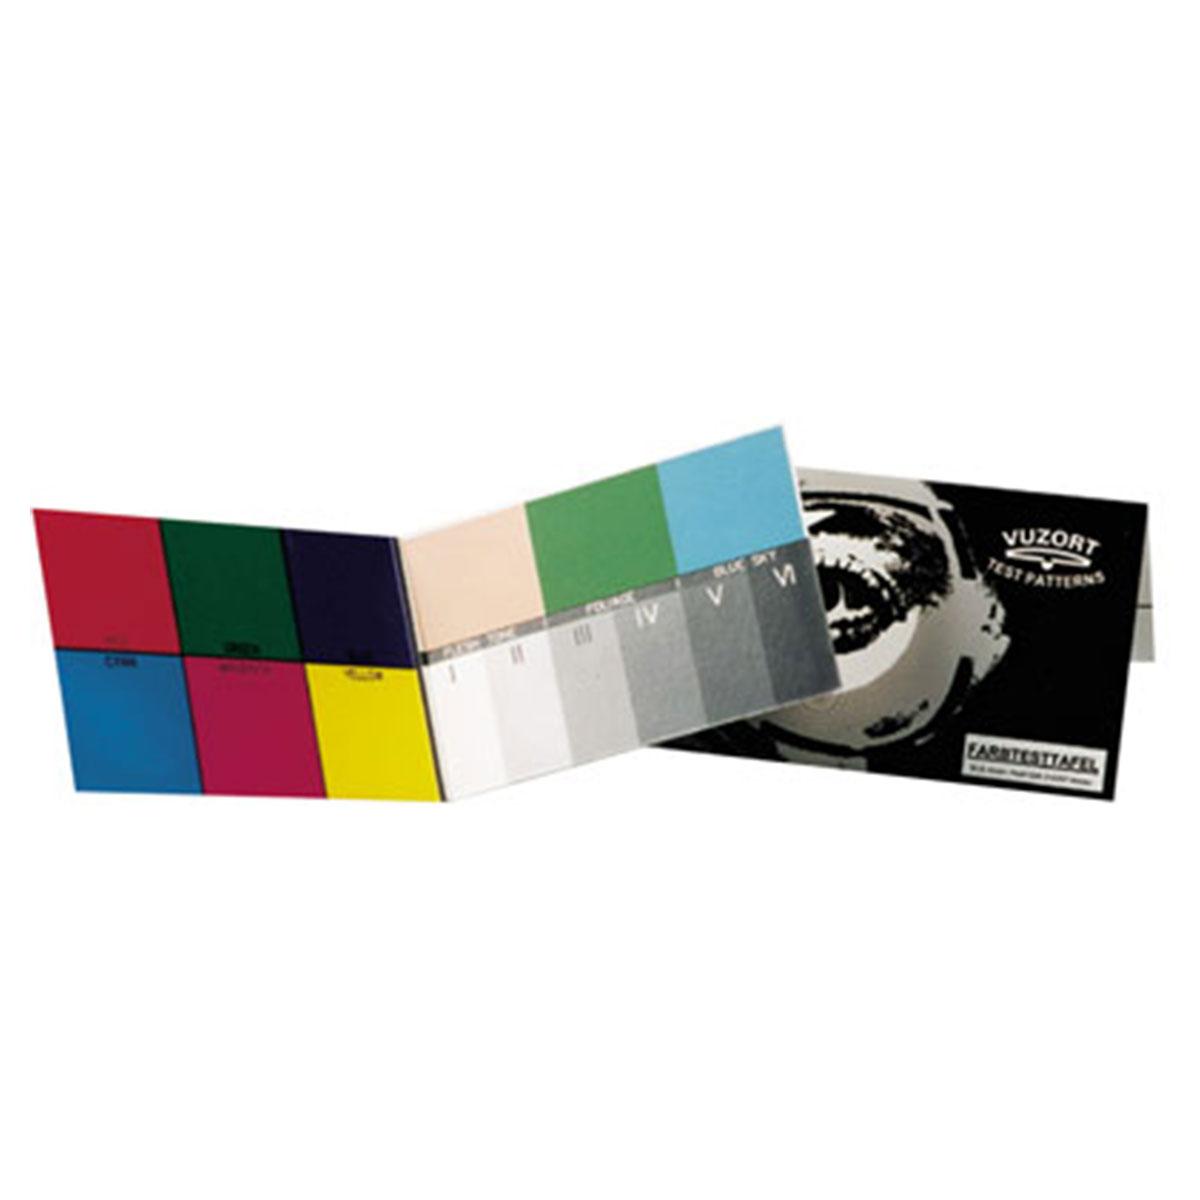 B.I.G. Farbtesttafel